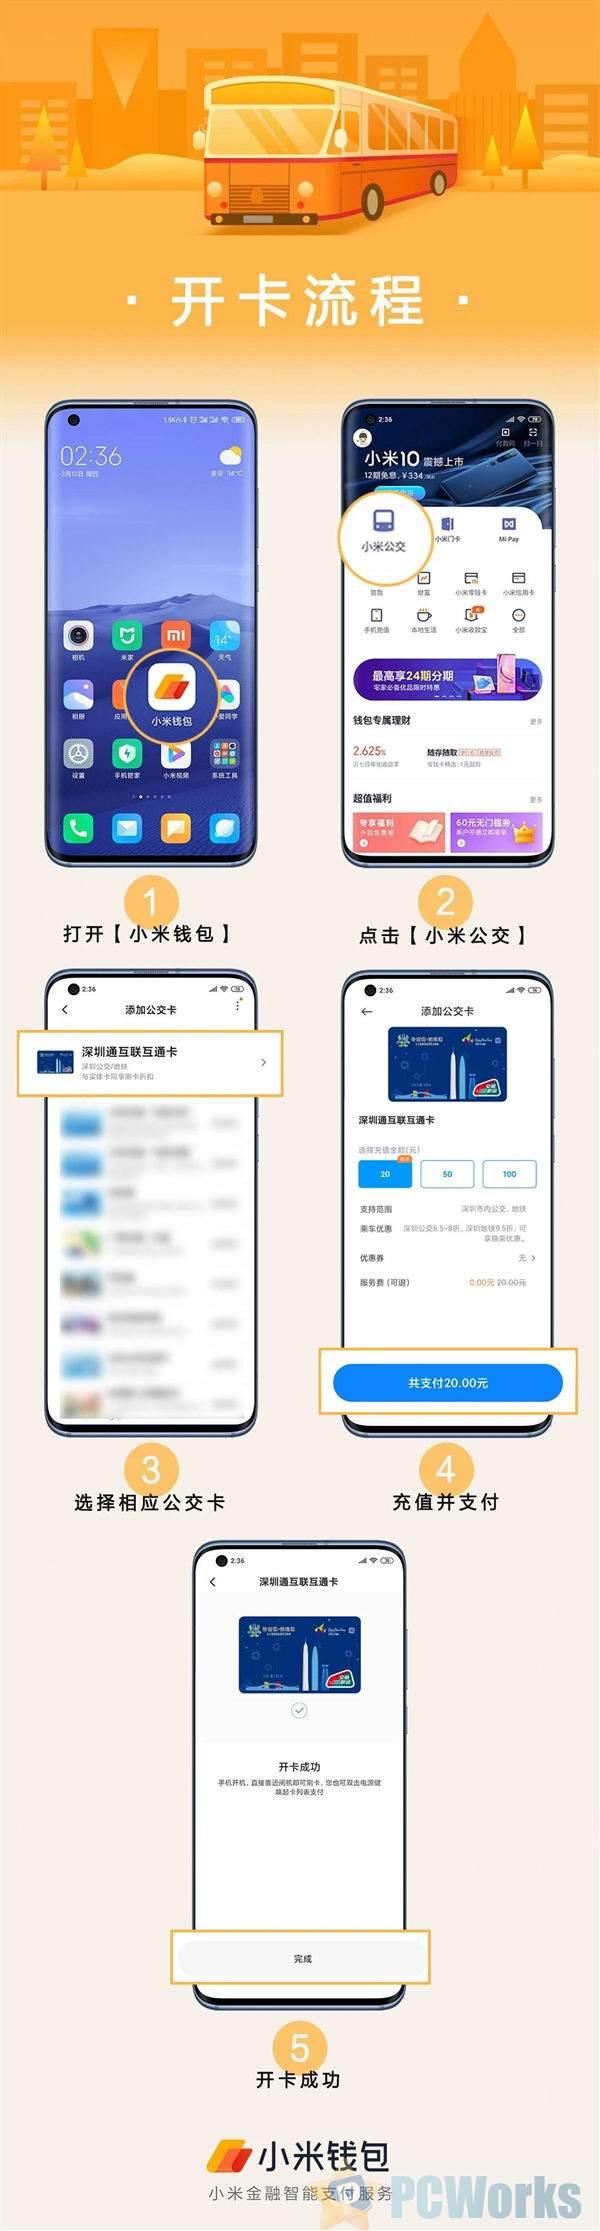 小米钱包终于上线深圳通:限量0元开卡